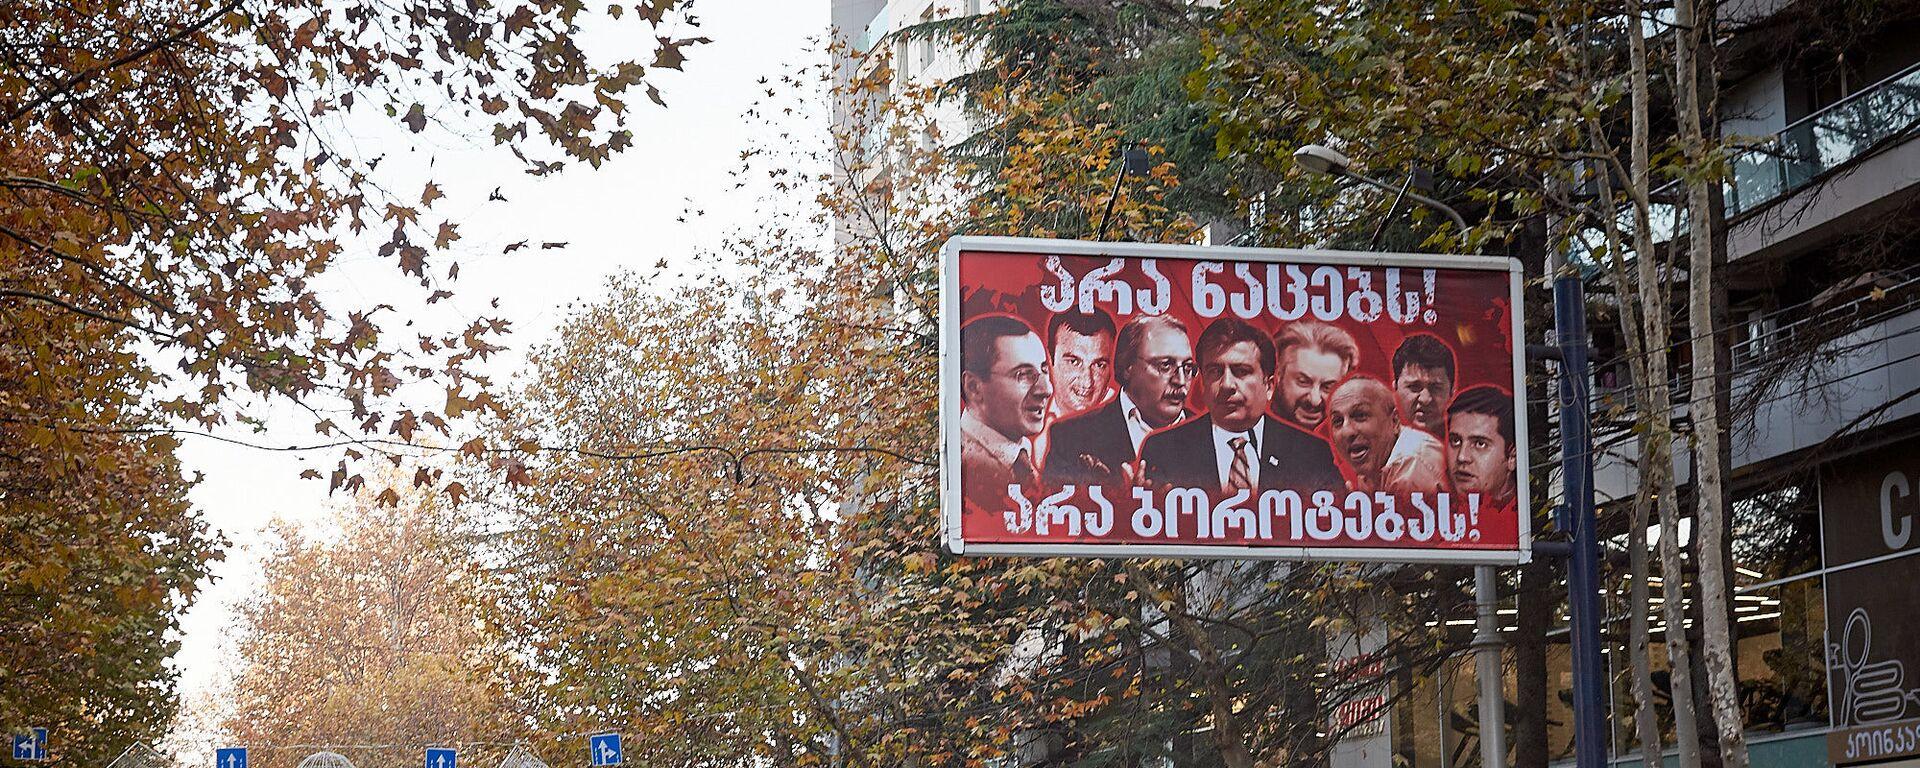 """წინასაარჩევნო ბანერი მიხეილ სააკაშვილის და """"ნაცმოძრაობის"""" წინააღმდეგ - Sputnik საქართველო, 1920, 20.09.2021"""